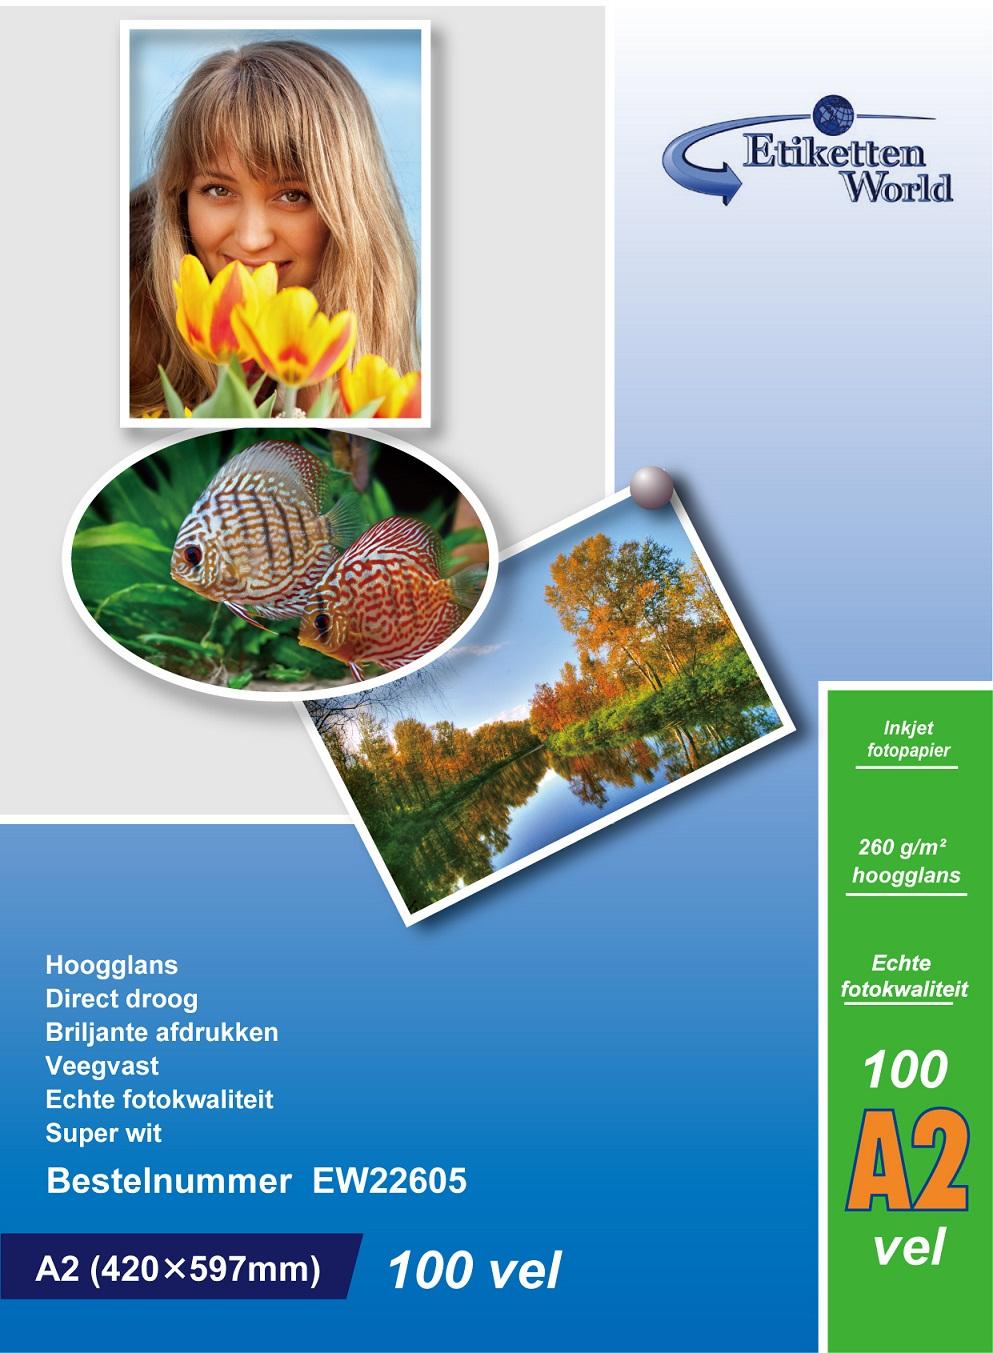 EtikettenWorld BV Fotopapier A2 260g/qm High Glossy und wasserfest